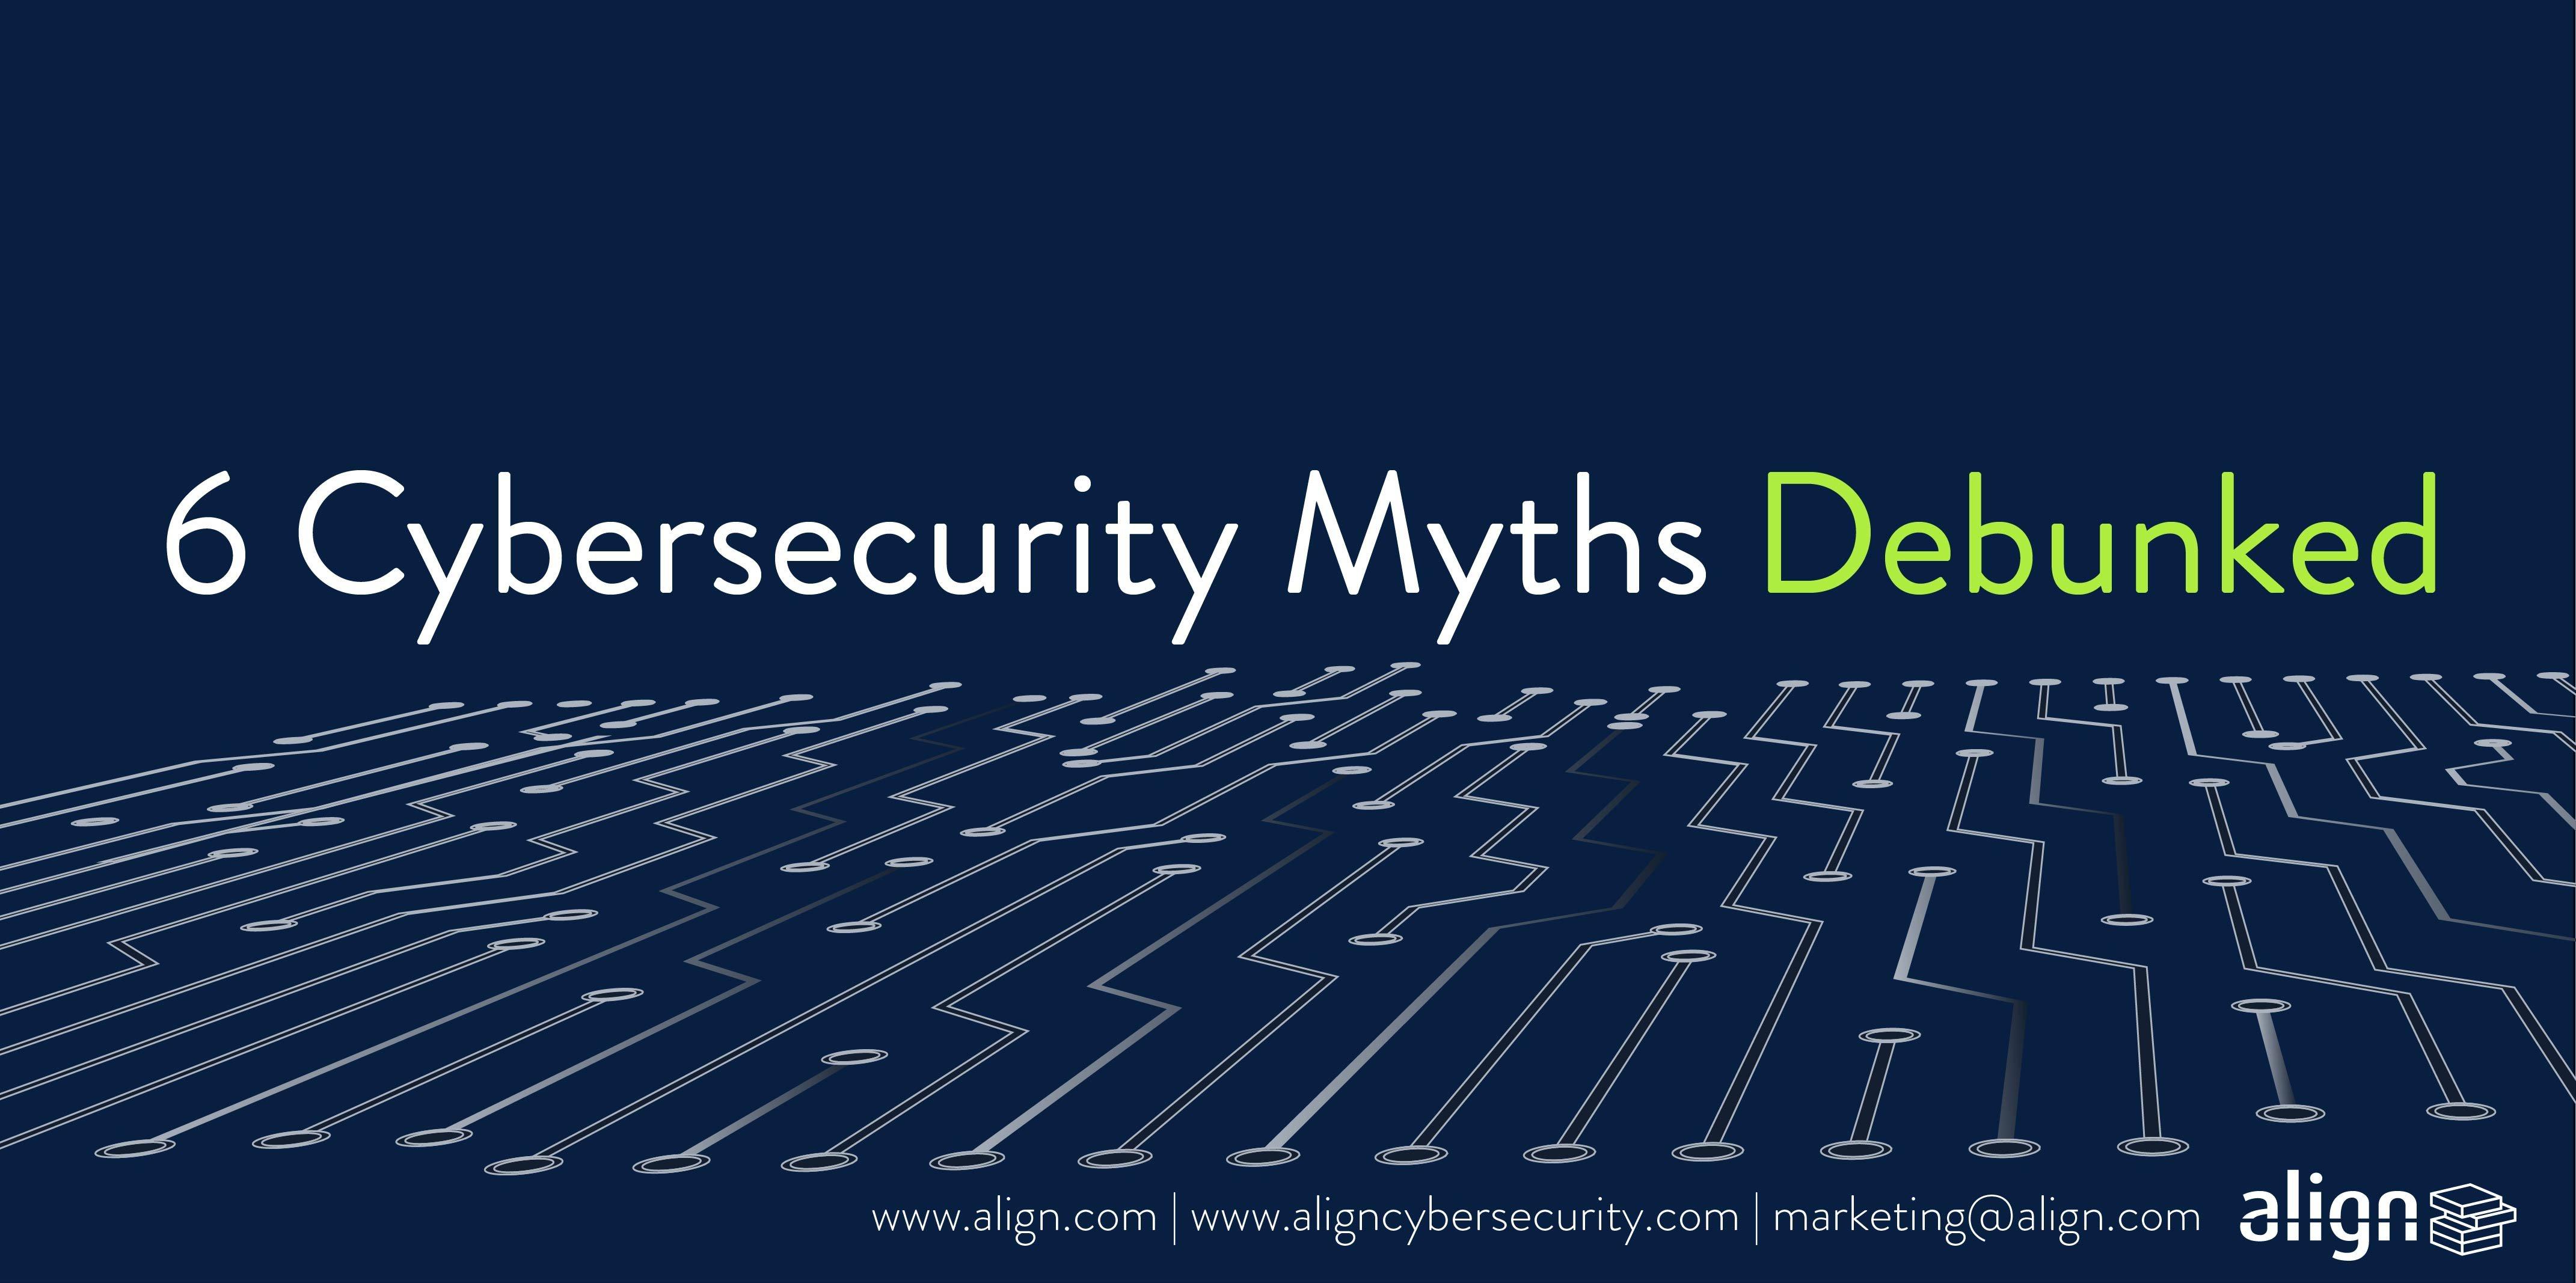 2018-09-11-6-Cybersecurity-Myths-header